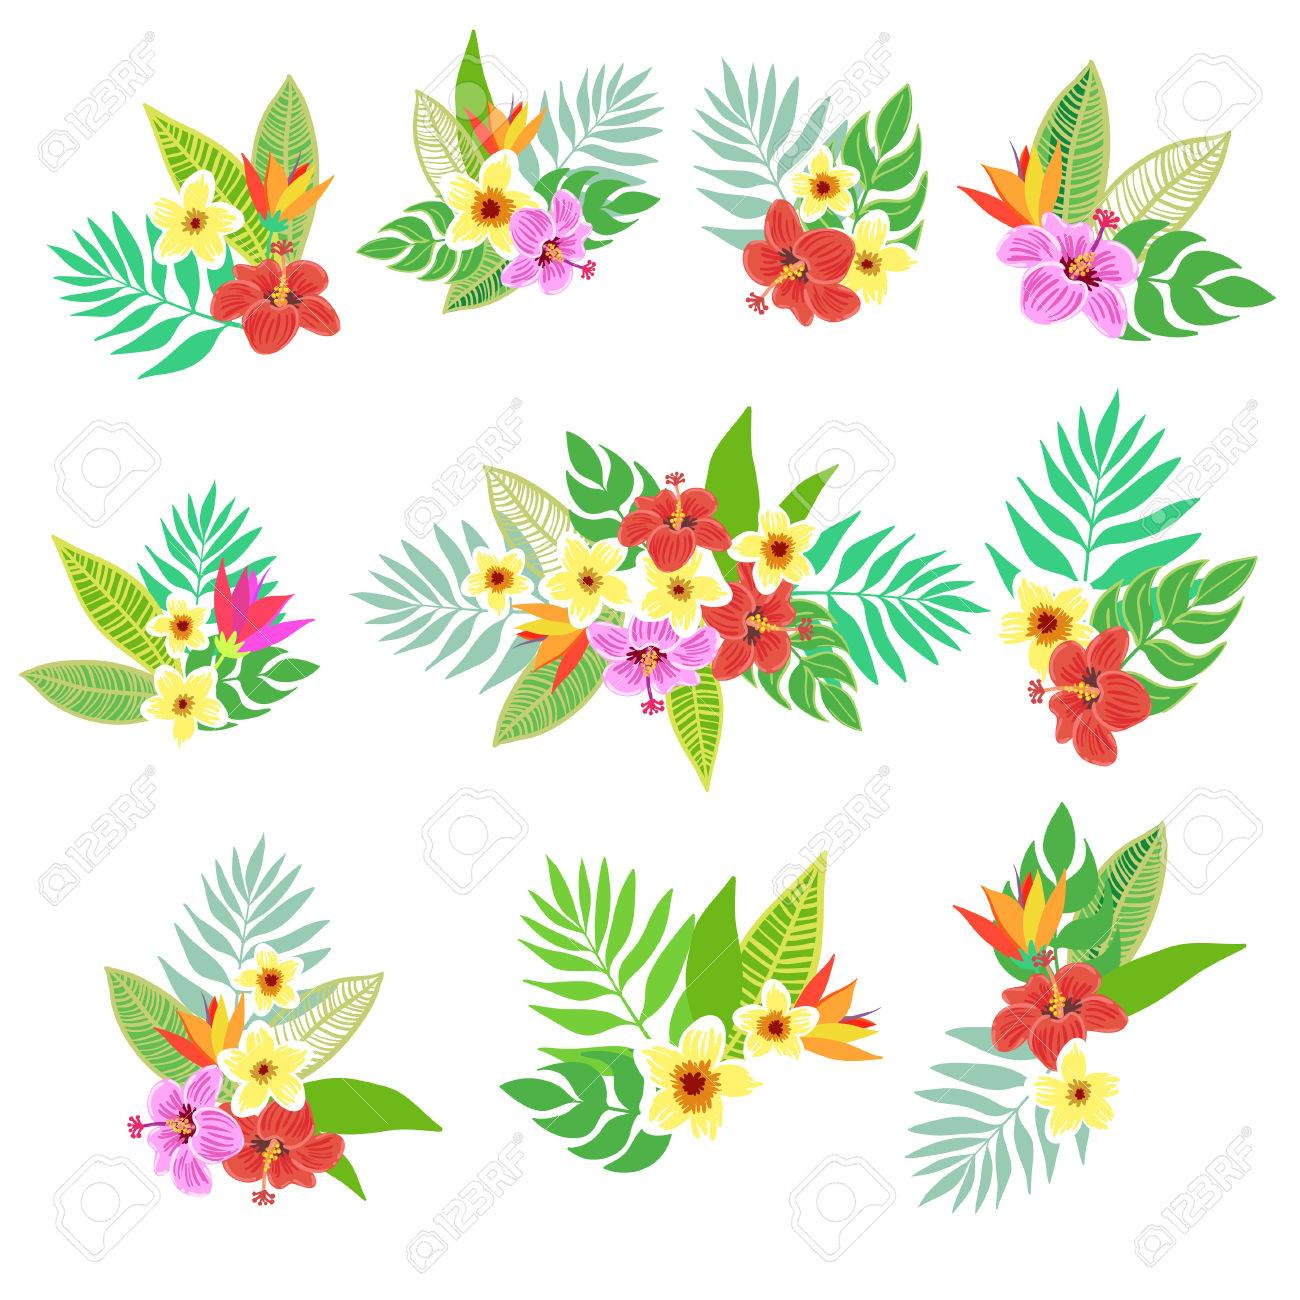 Belle Vecteur Floral Jungle Imprimer Avec Des Elements Bouquet Fleurs Colorees Tropicales Feuilles De Palmiers Et De Plantes D Hibiscus Paradis De Fleurs Bouquet Exotique Clip Art Libres De Droits Vecteurs Et